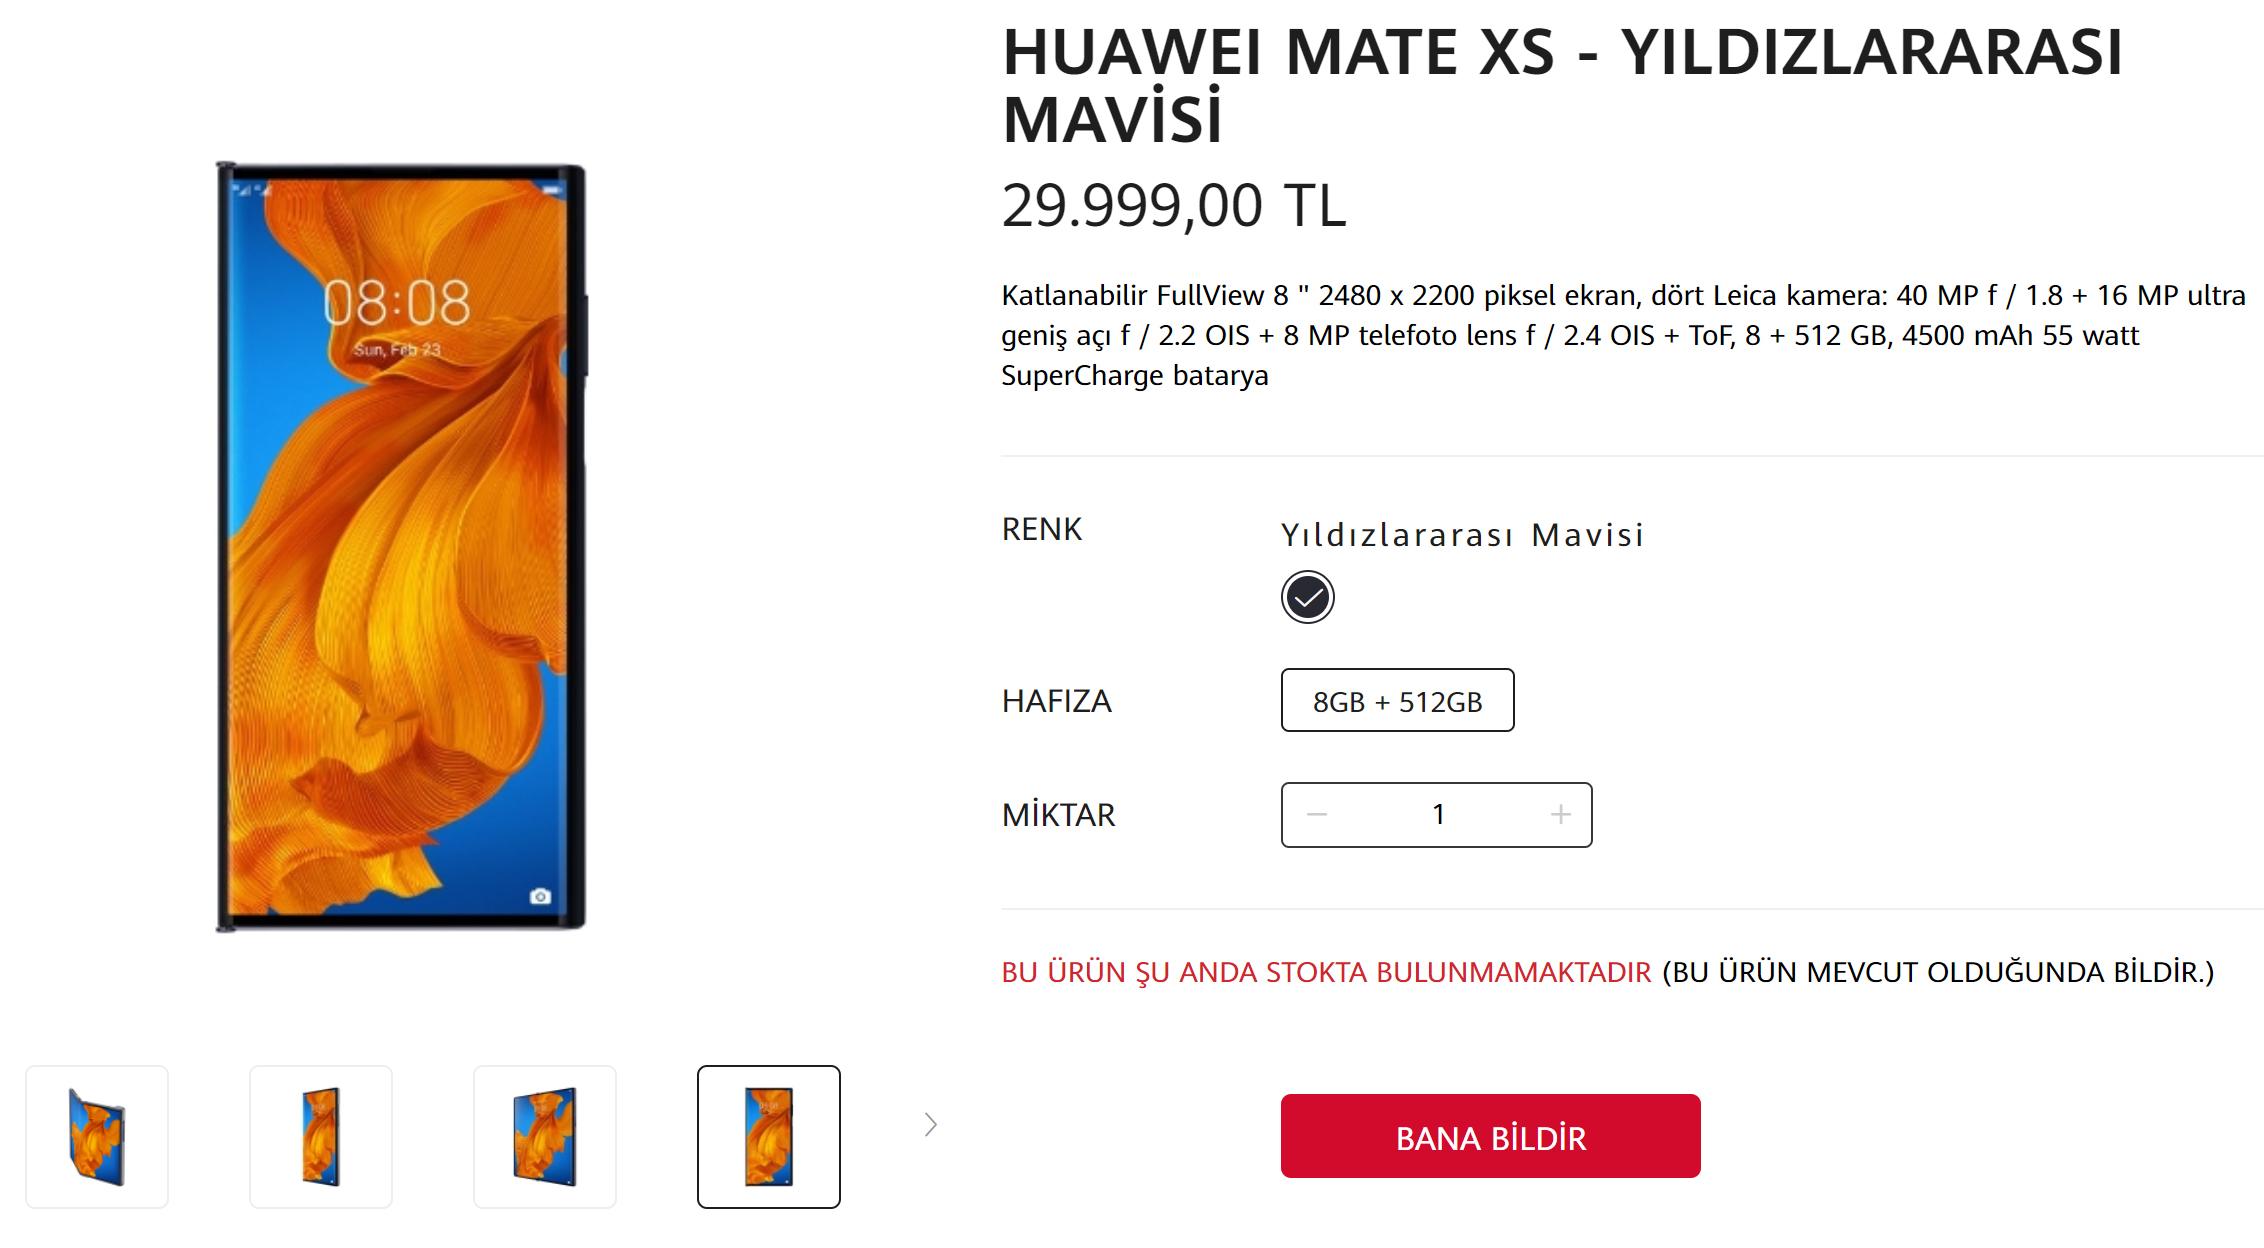 Huawei Mate Xs stokları tükendi!